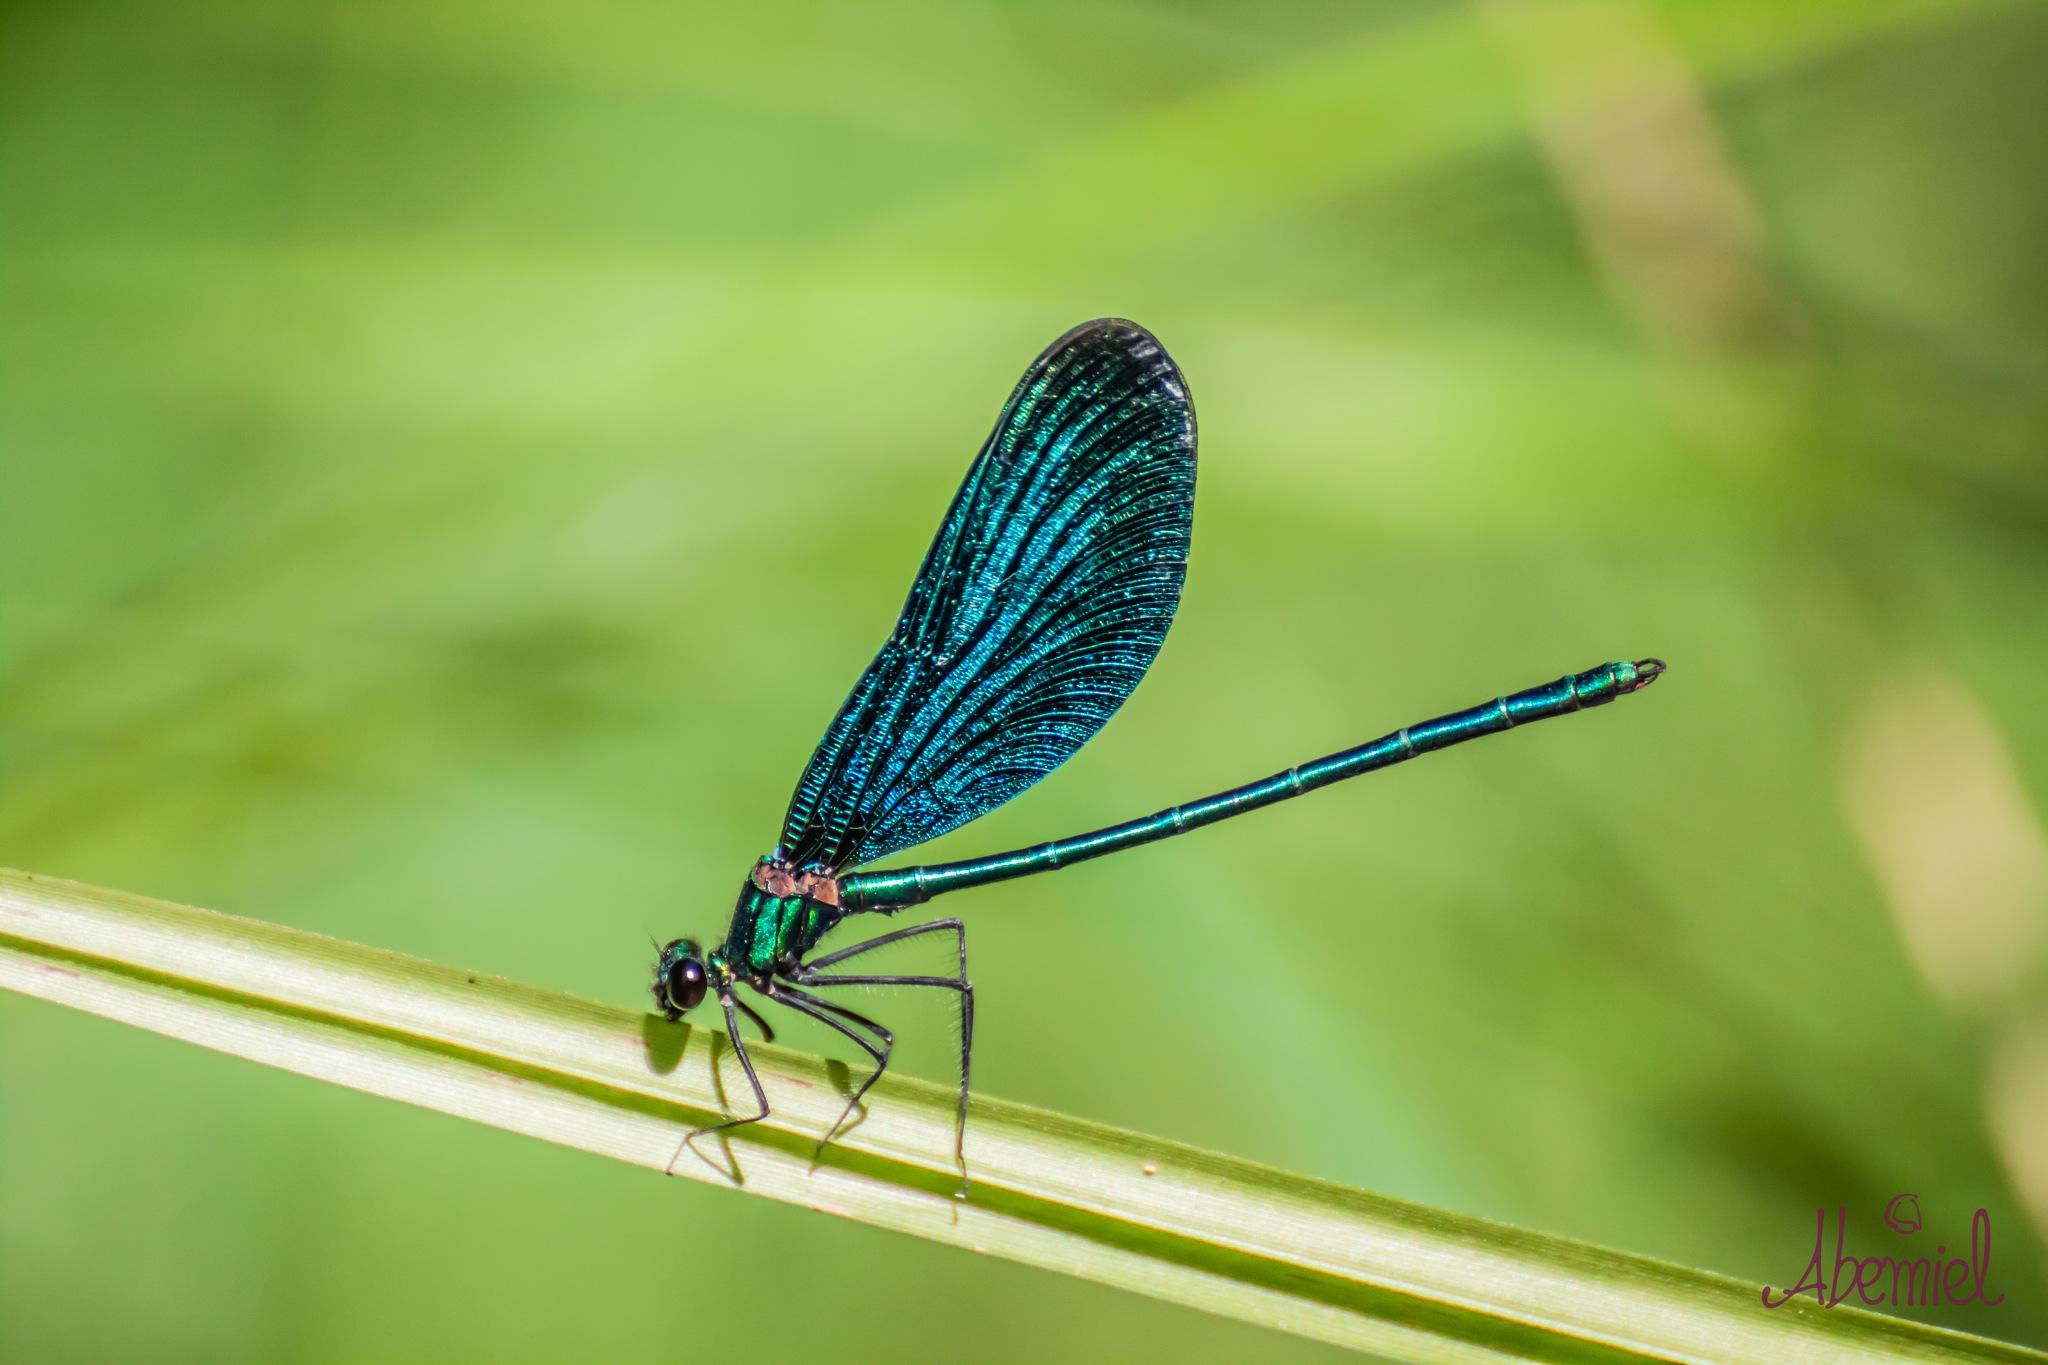 Blue Dragonfly  by carolina.abemiel